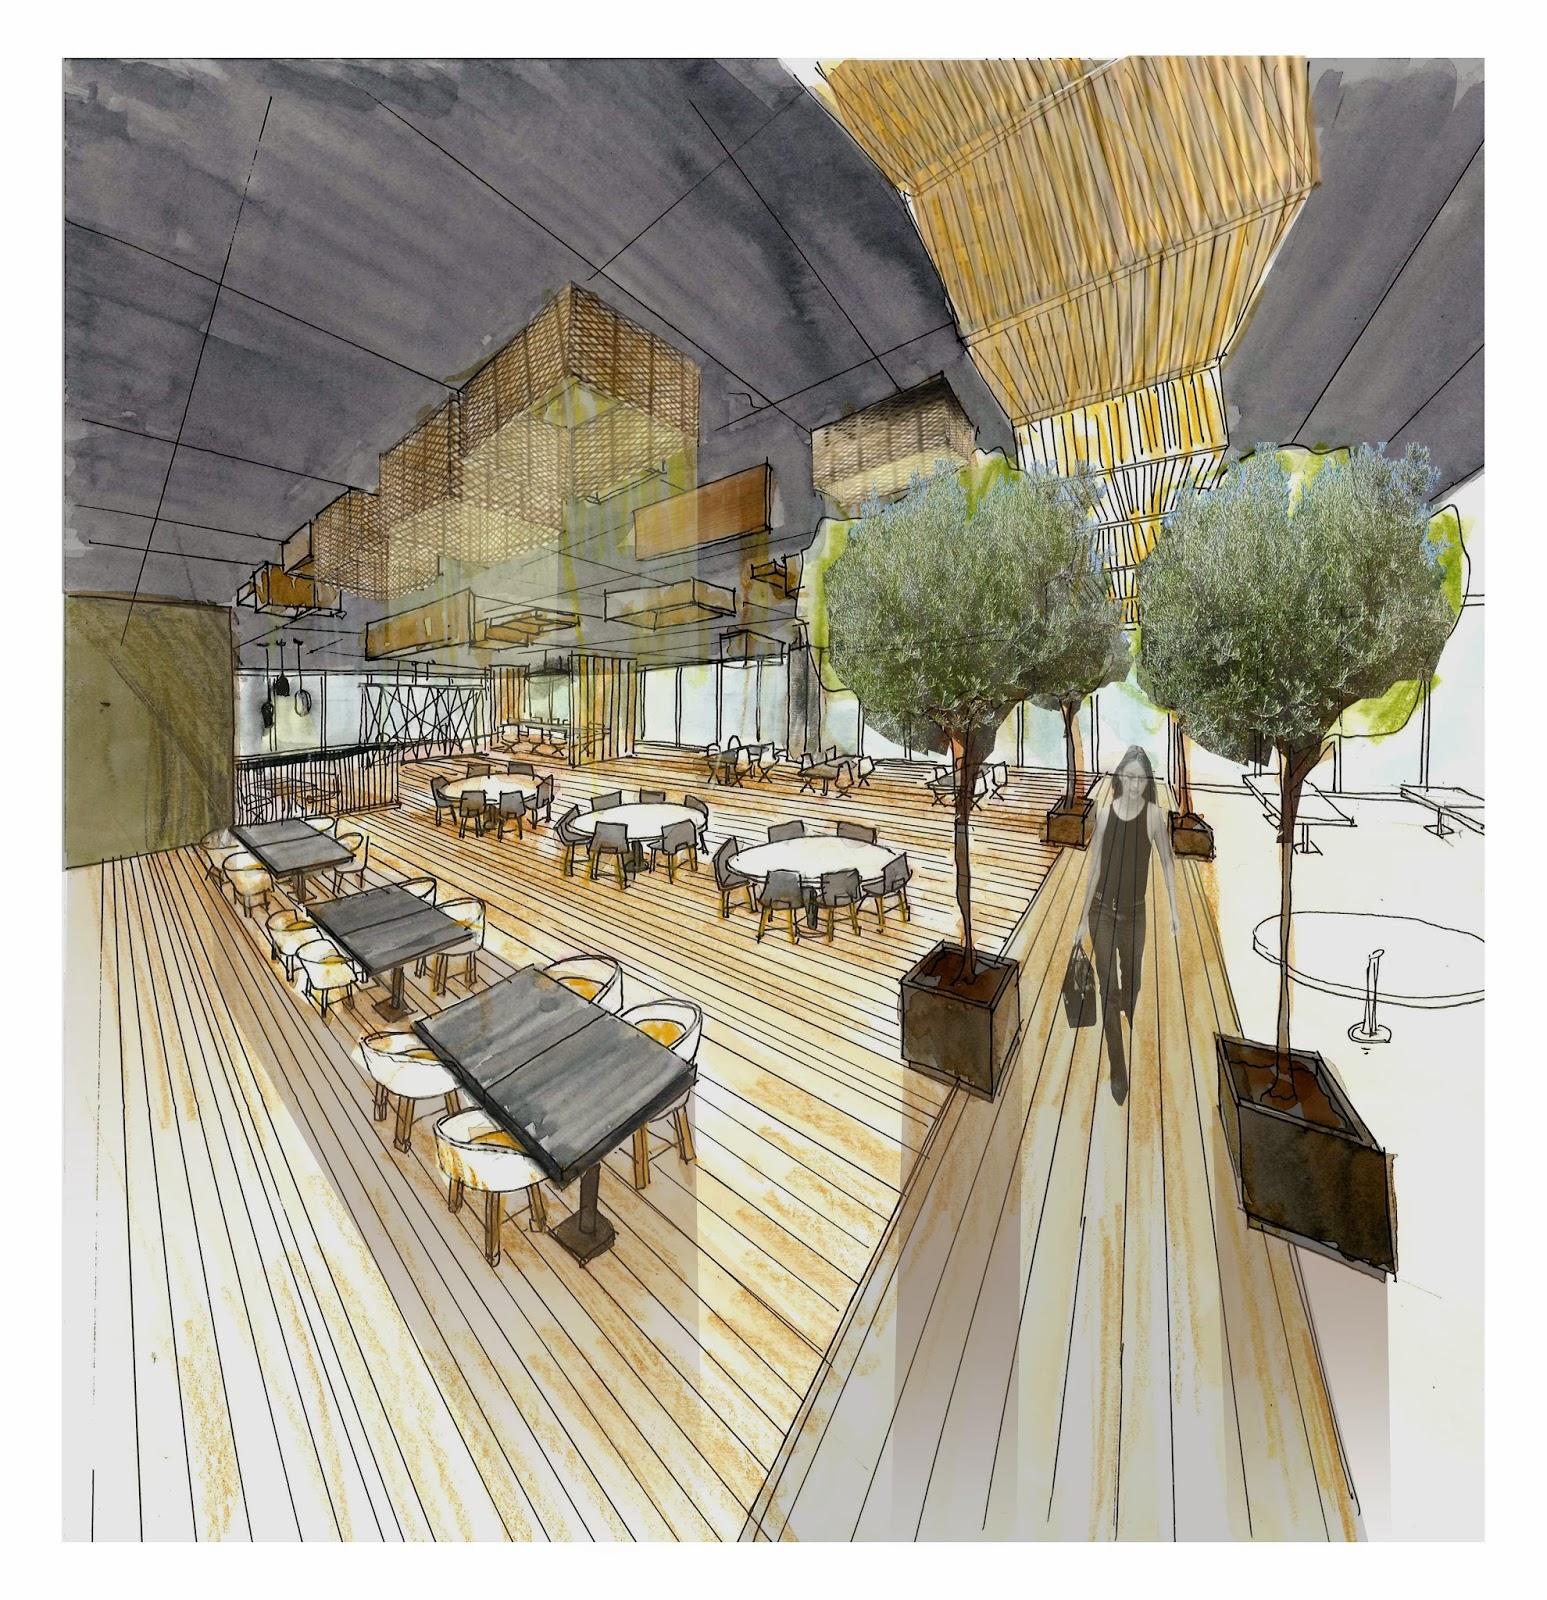 Dibujo técnica mixta zona restaurante